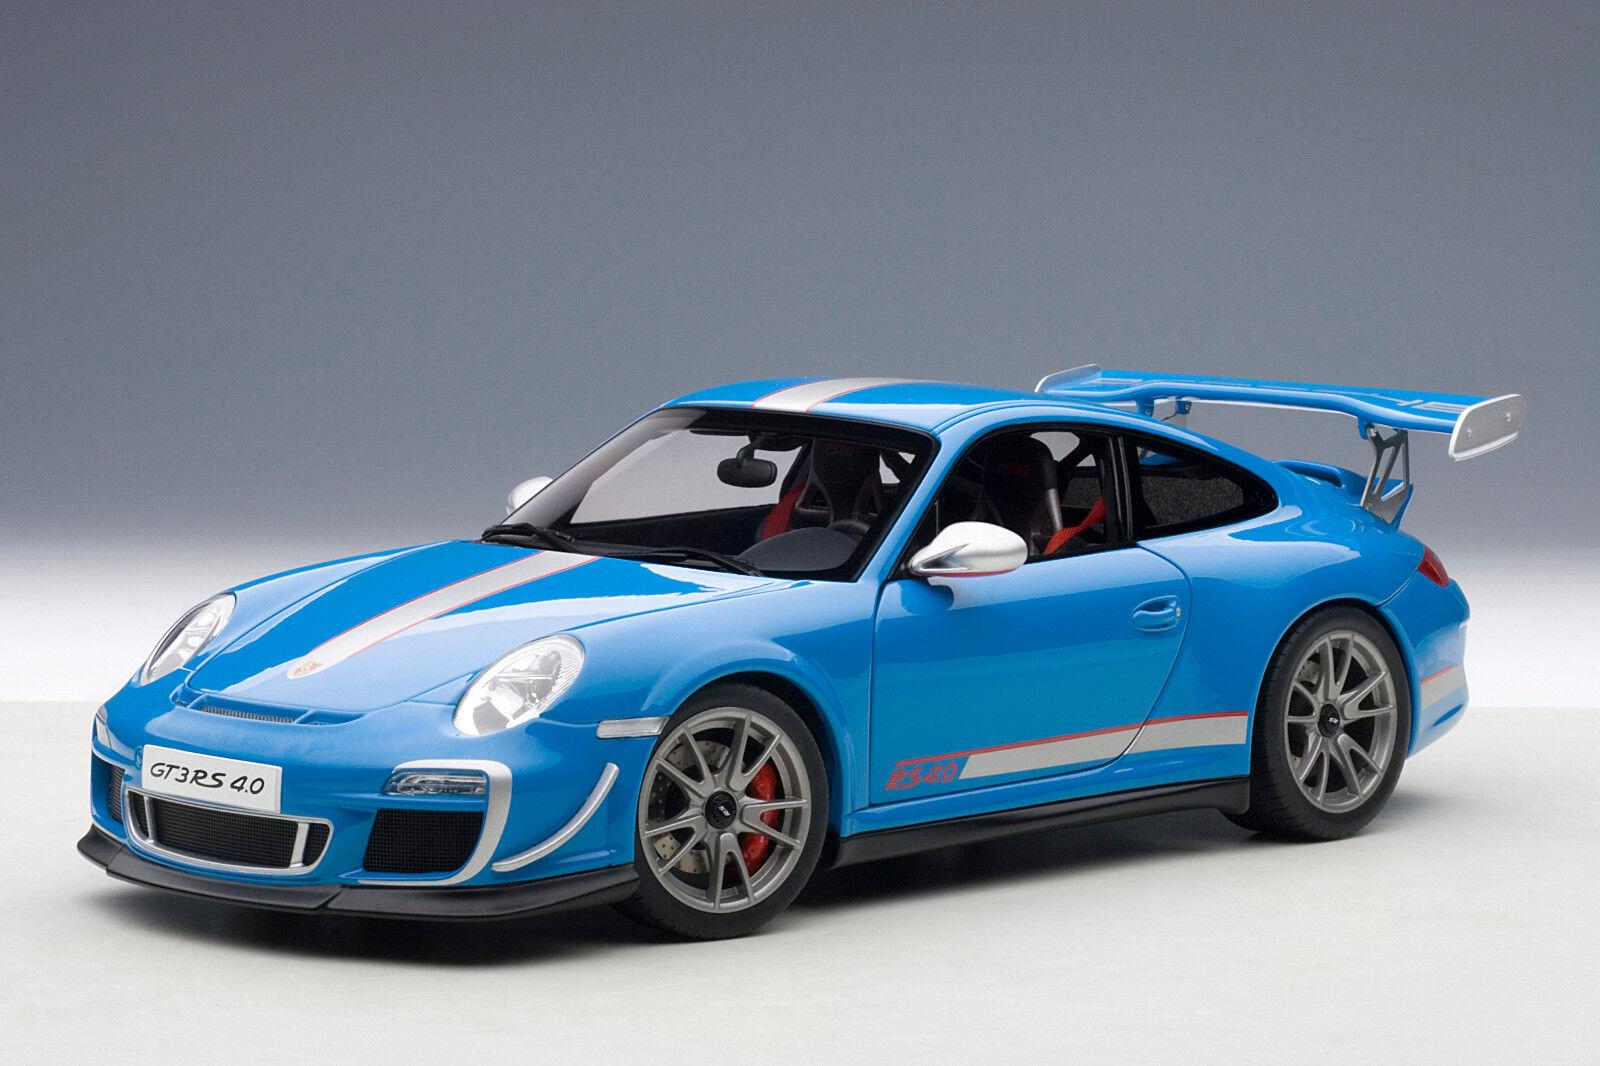 AUTOART 78145 Porsche 911 997 gt3 RS 4.0  2011 Bleu 18 NOUVEAU neuf dans sa boîte  prix équitables